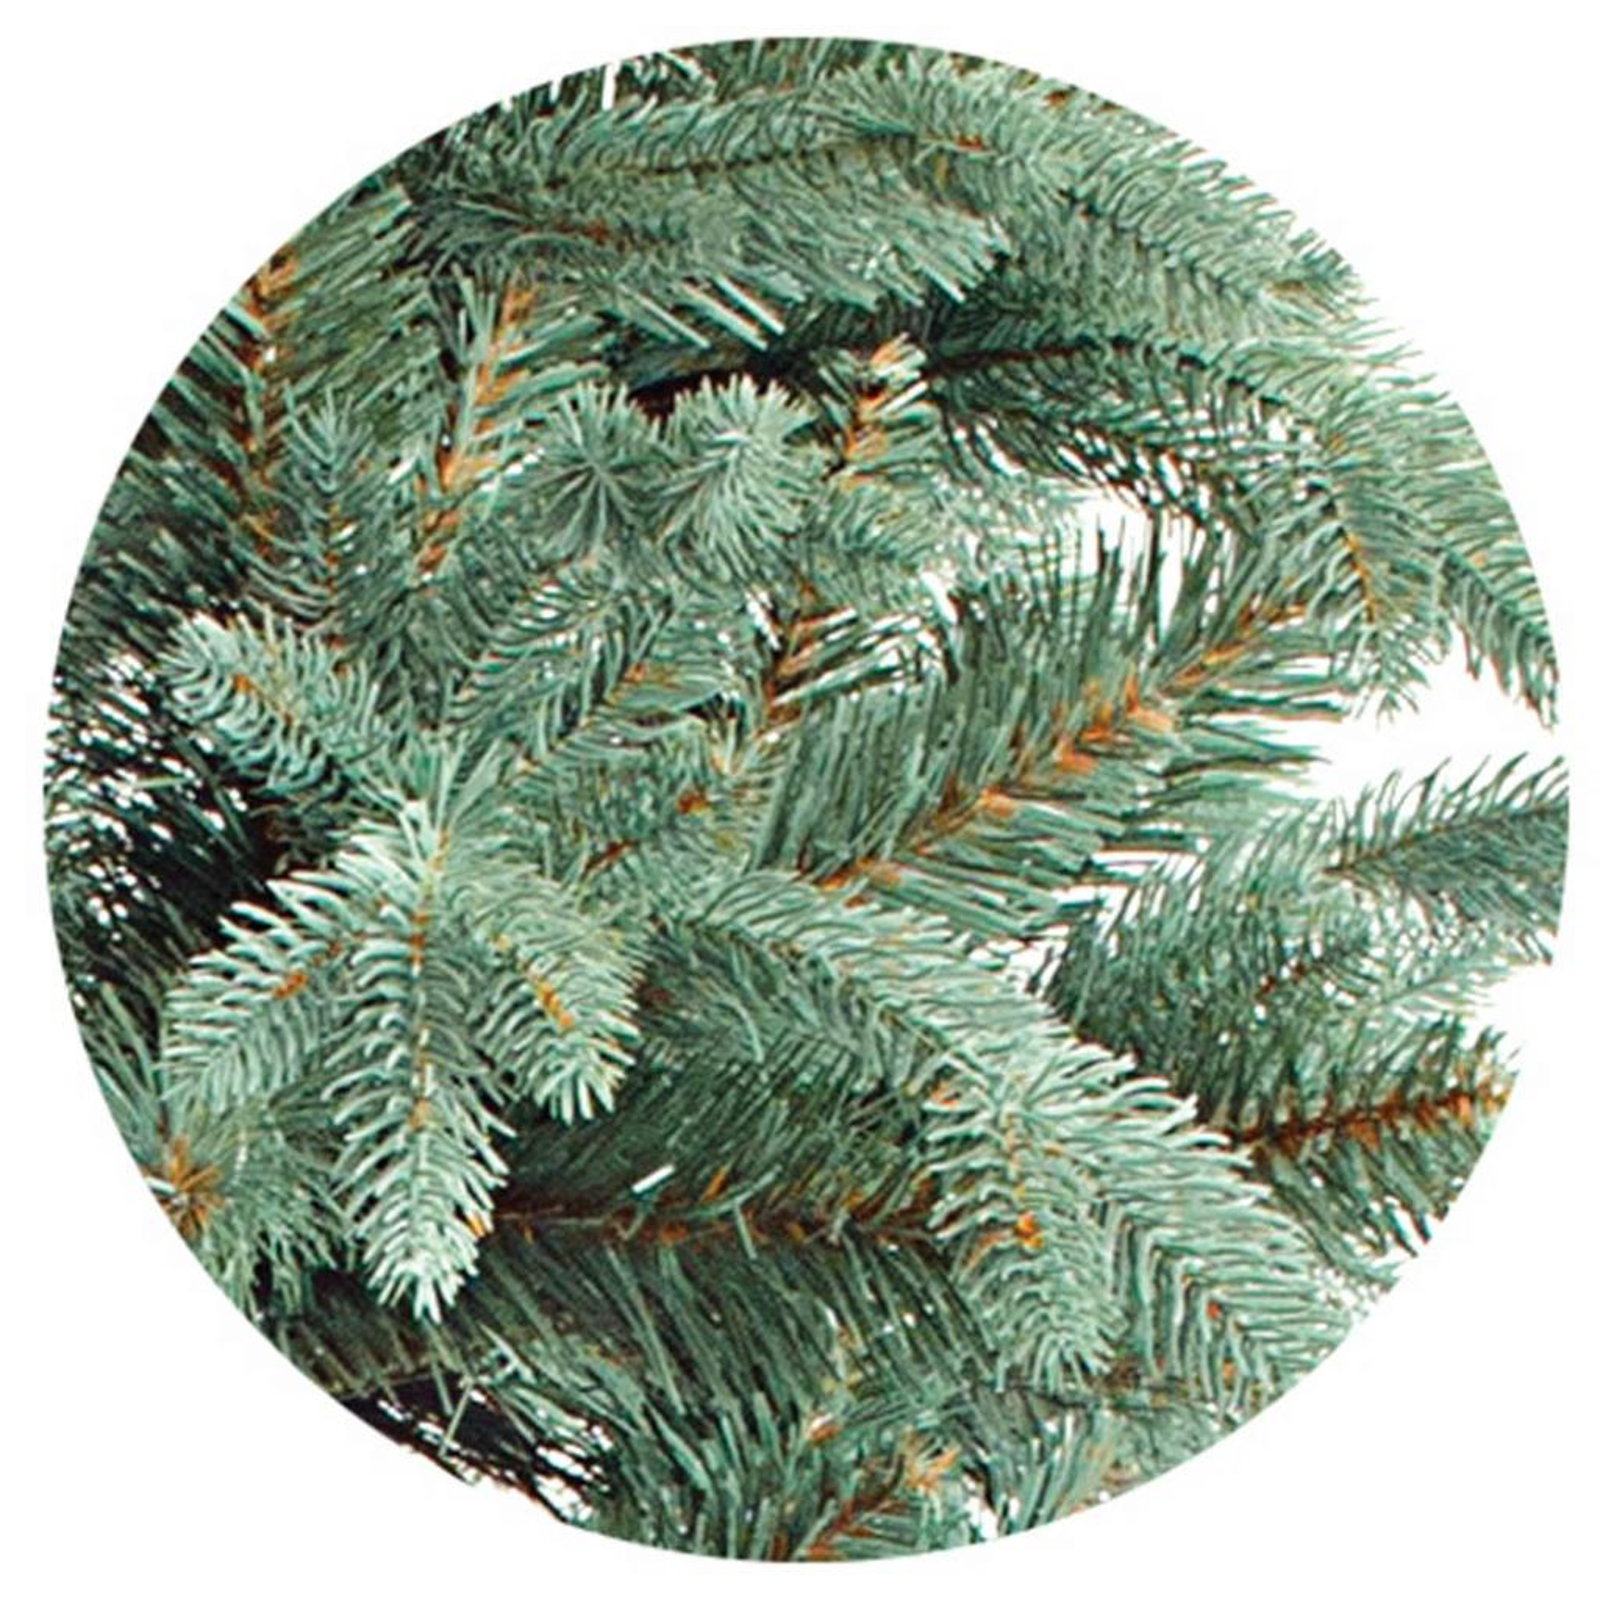 Искусственная елка YES! Fun Флора голубая 2,70 м литая (903511) изображение 2